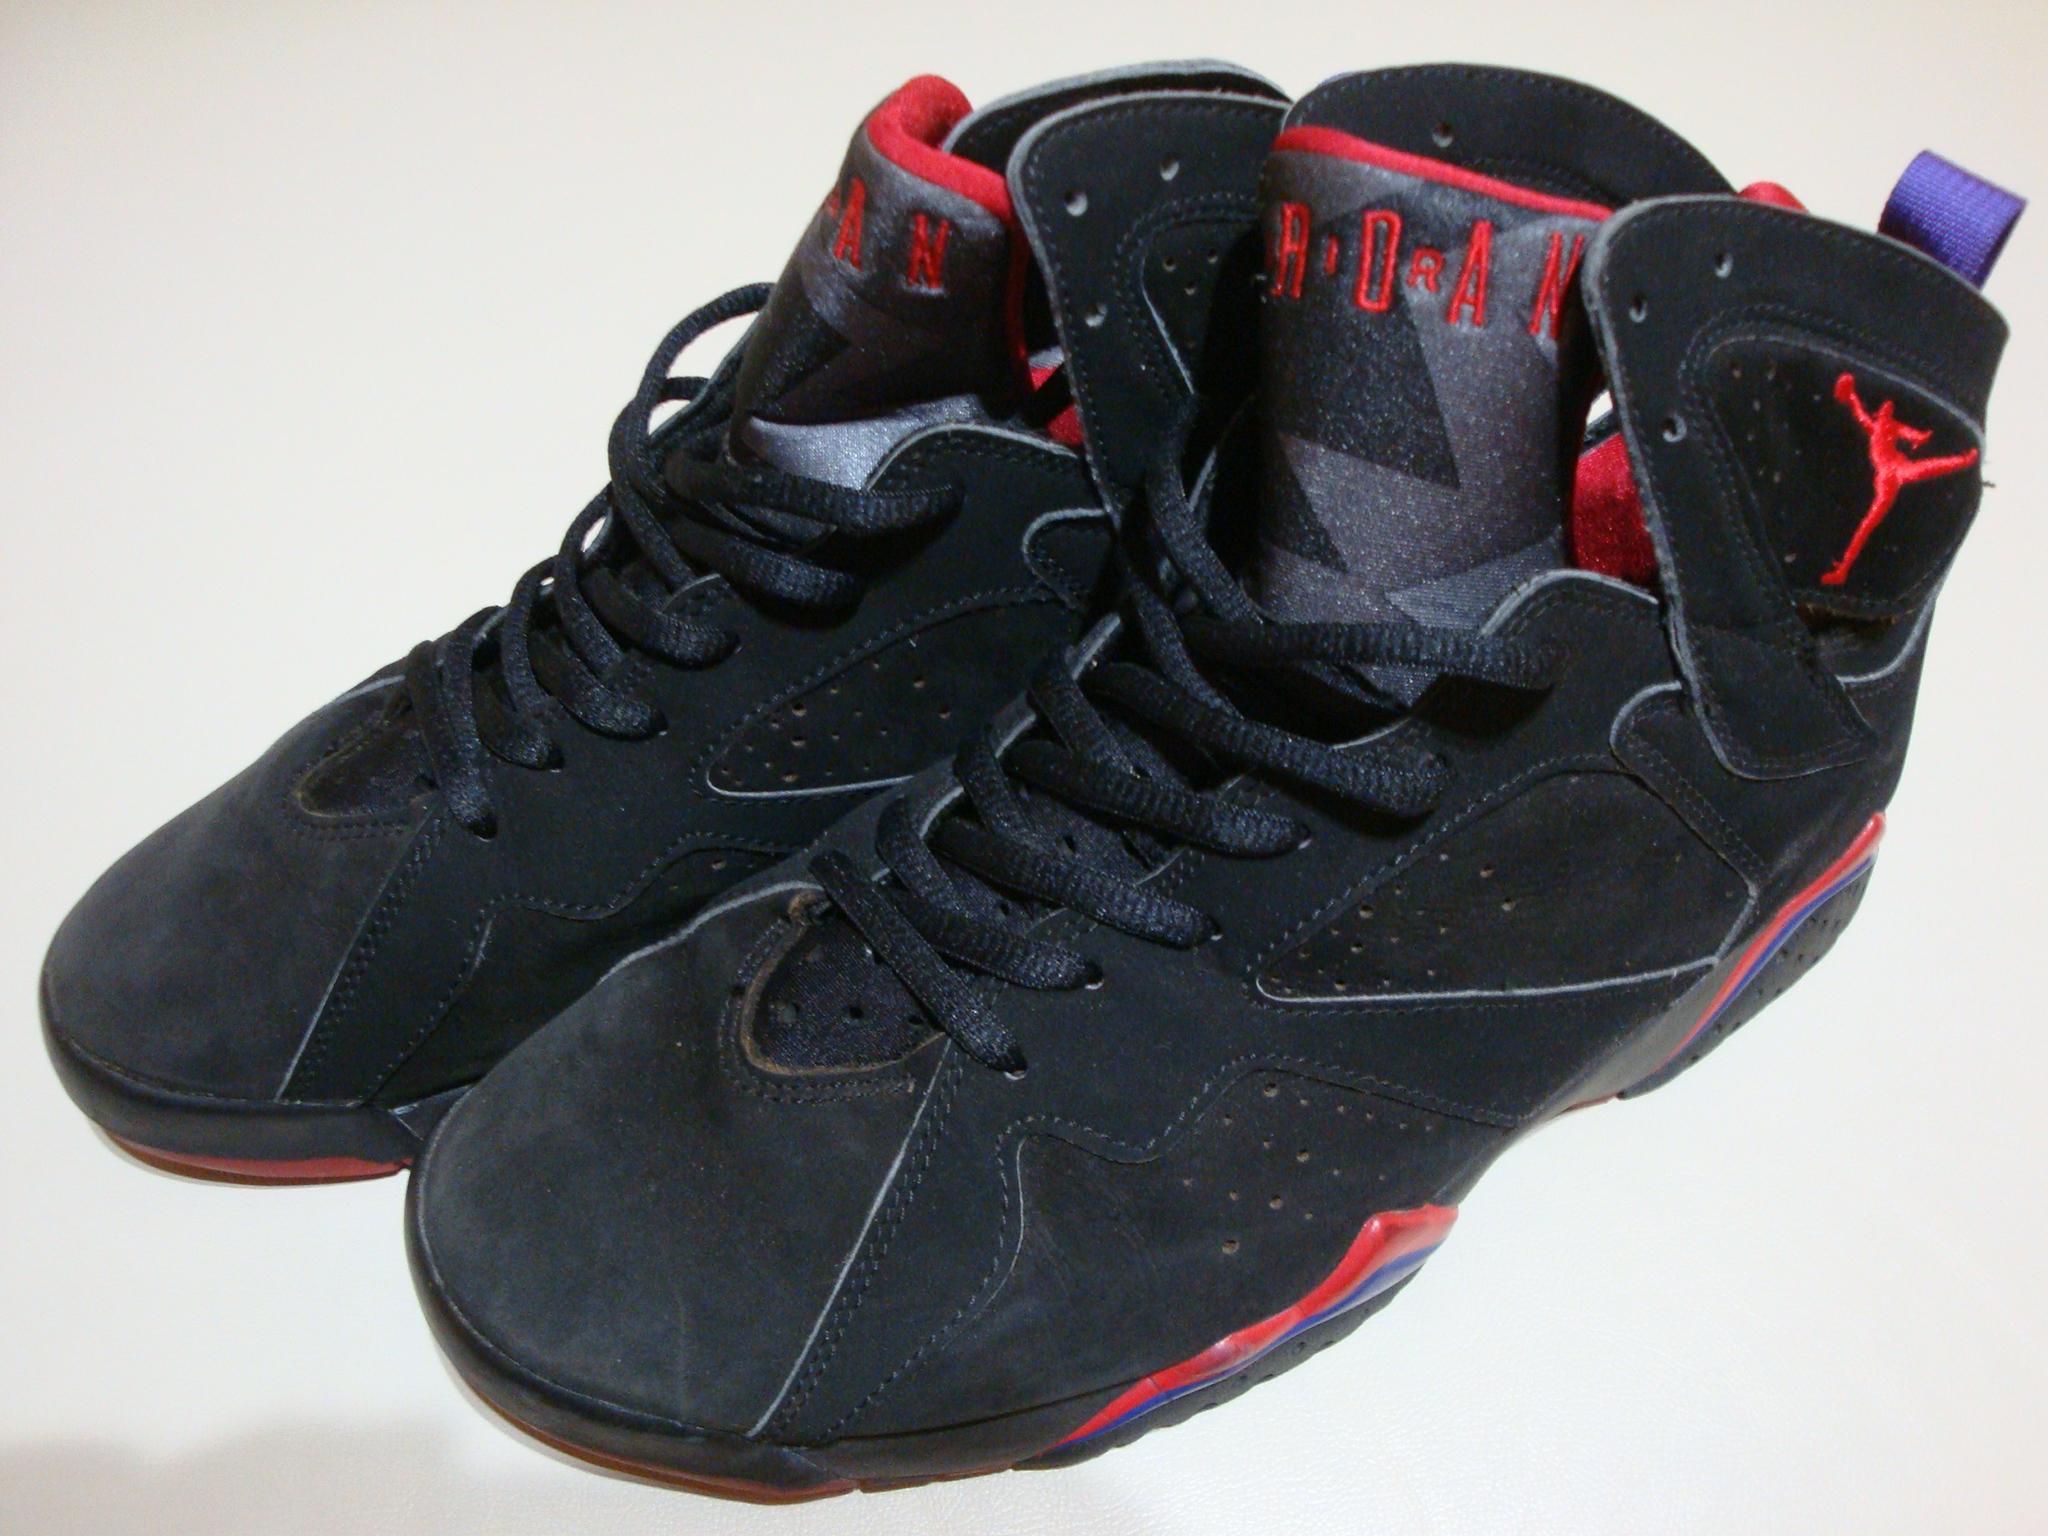 sneakers for cheap ae594 61bb9 ナイキNIKE AIR JORDAN 7 RETRO 304775-006スニーカーを買取しま ...